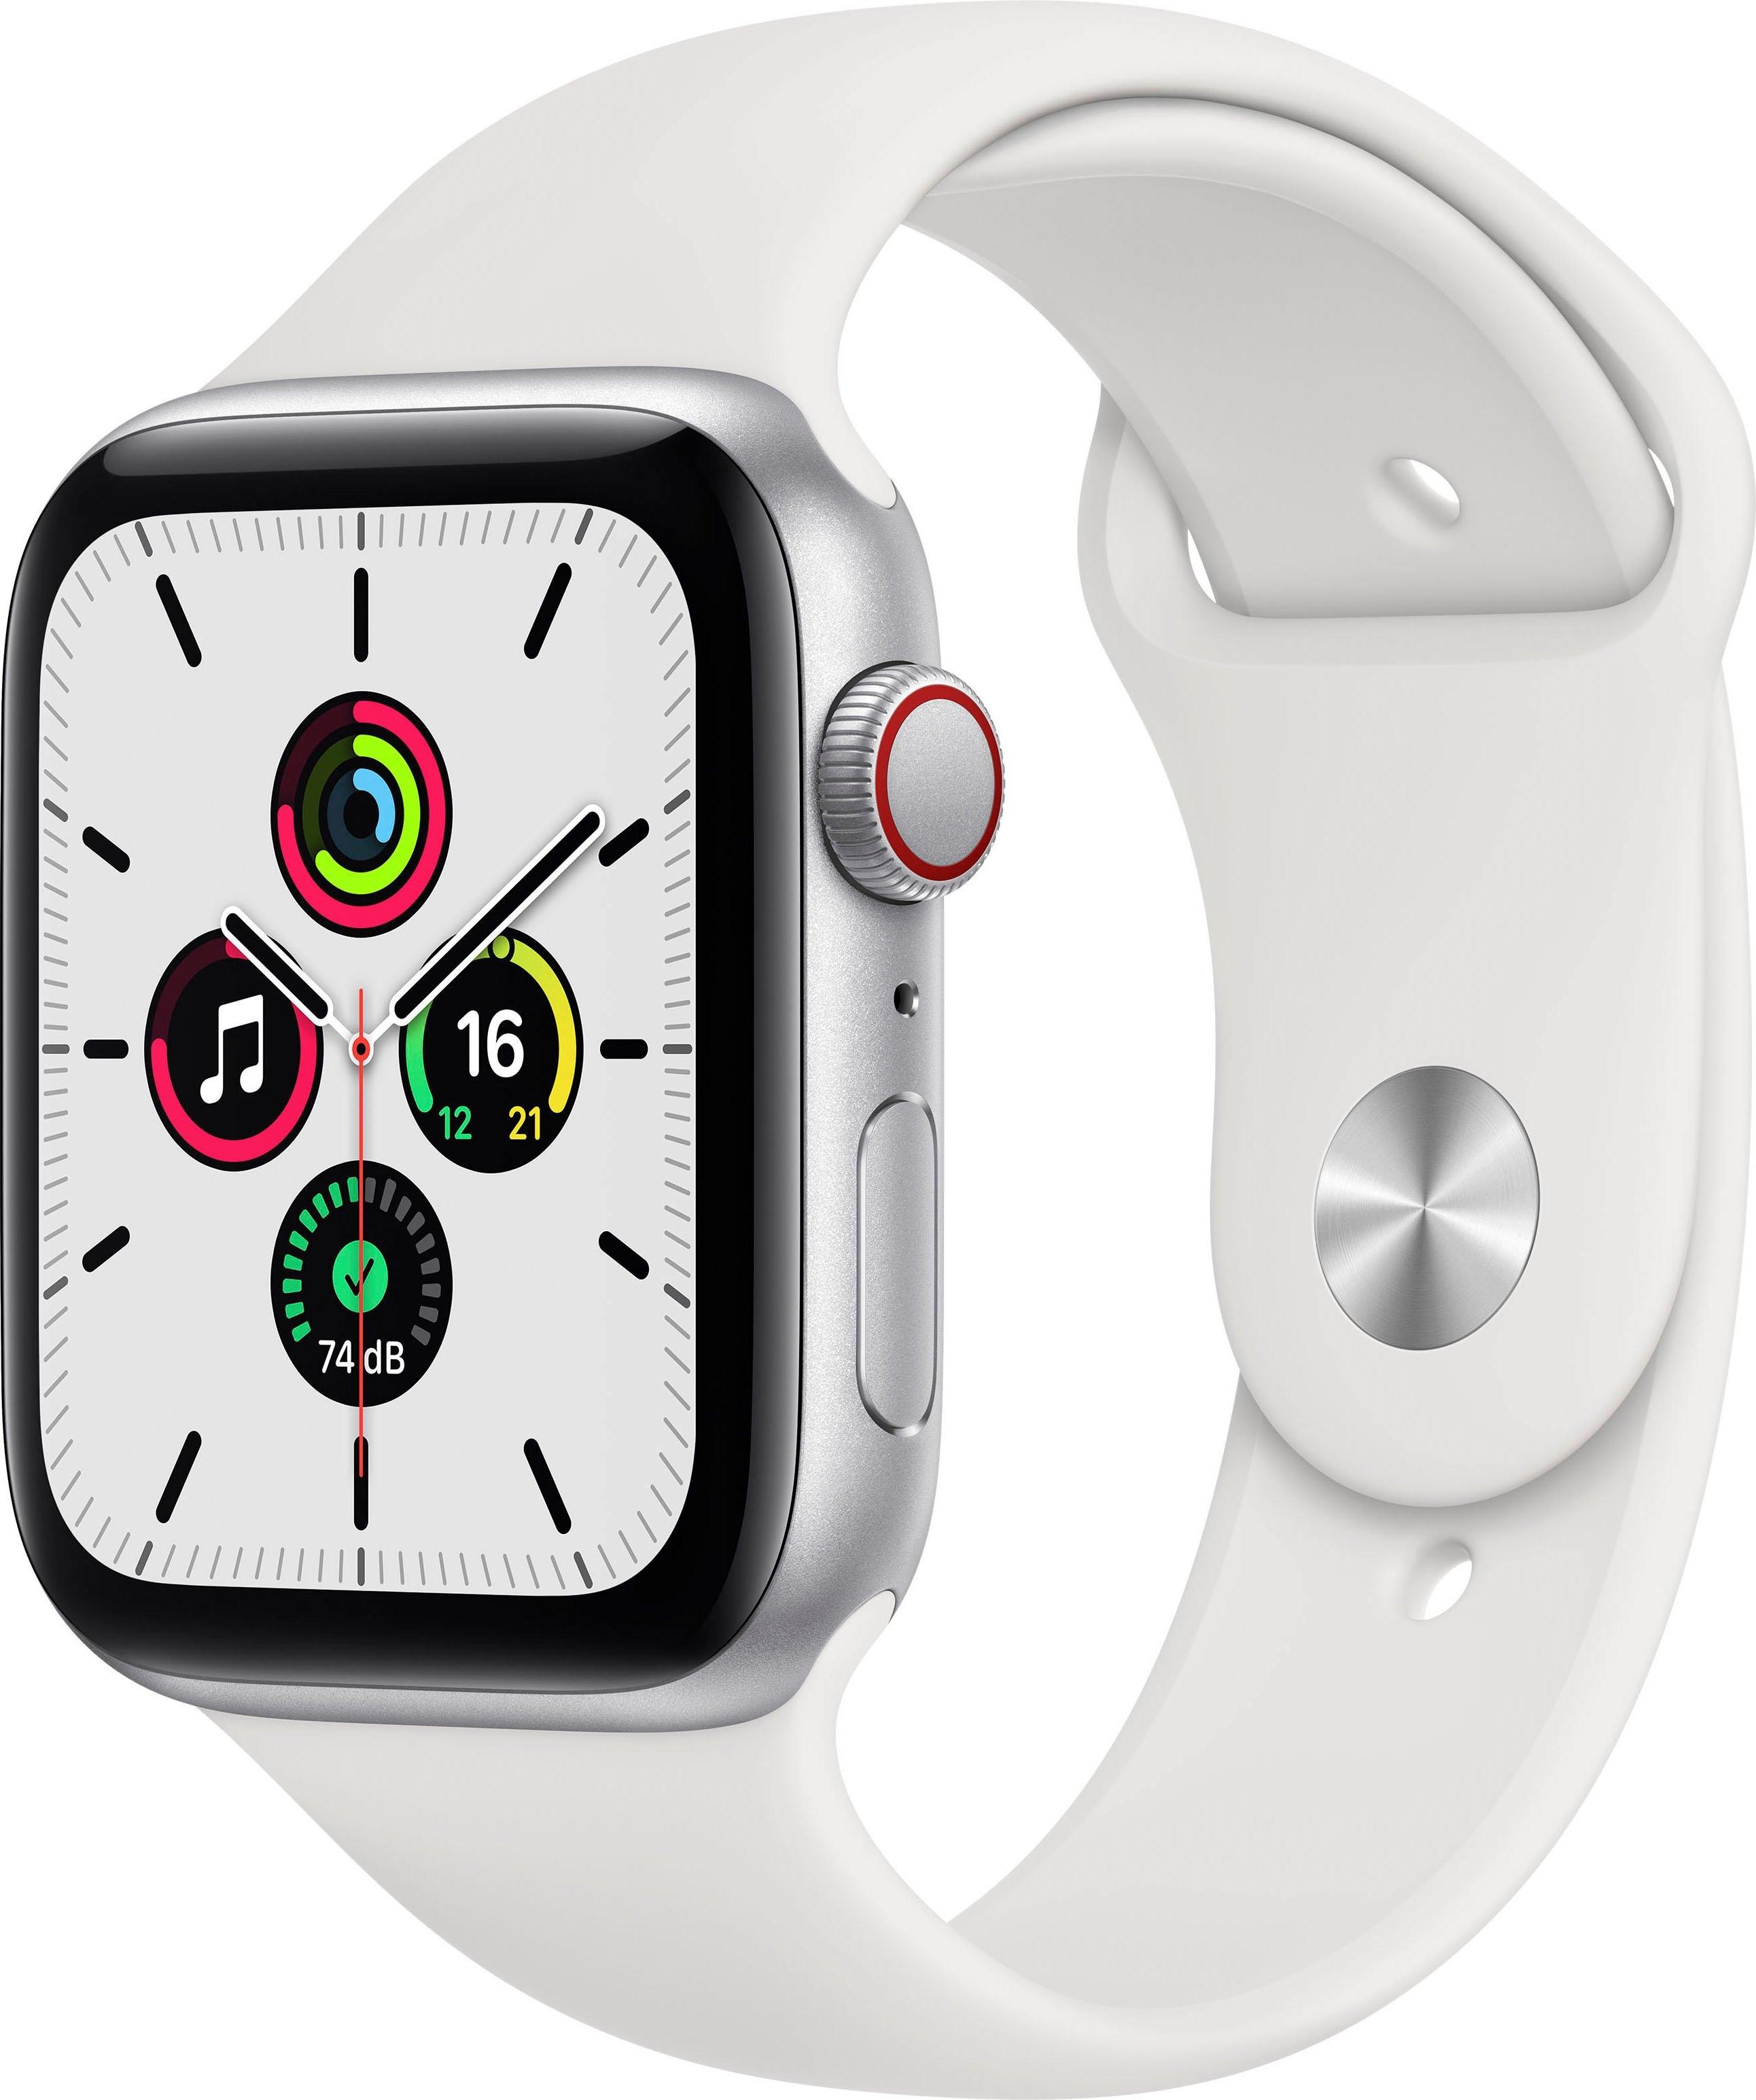 Apple watch SE gps + Cellular, aluminium kast met sportbandje 44 mm inclusief oplaadstation (magnetische oplaadkabel) nu online kopen bij OTTO